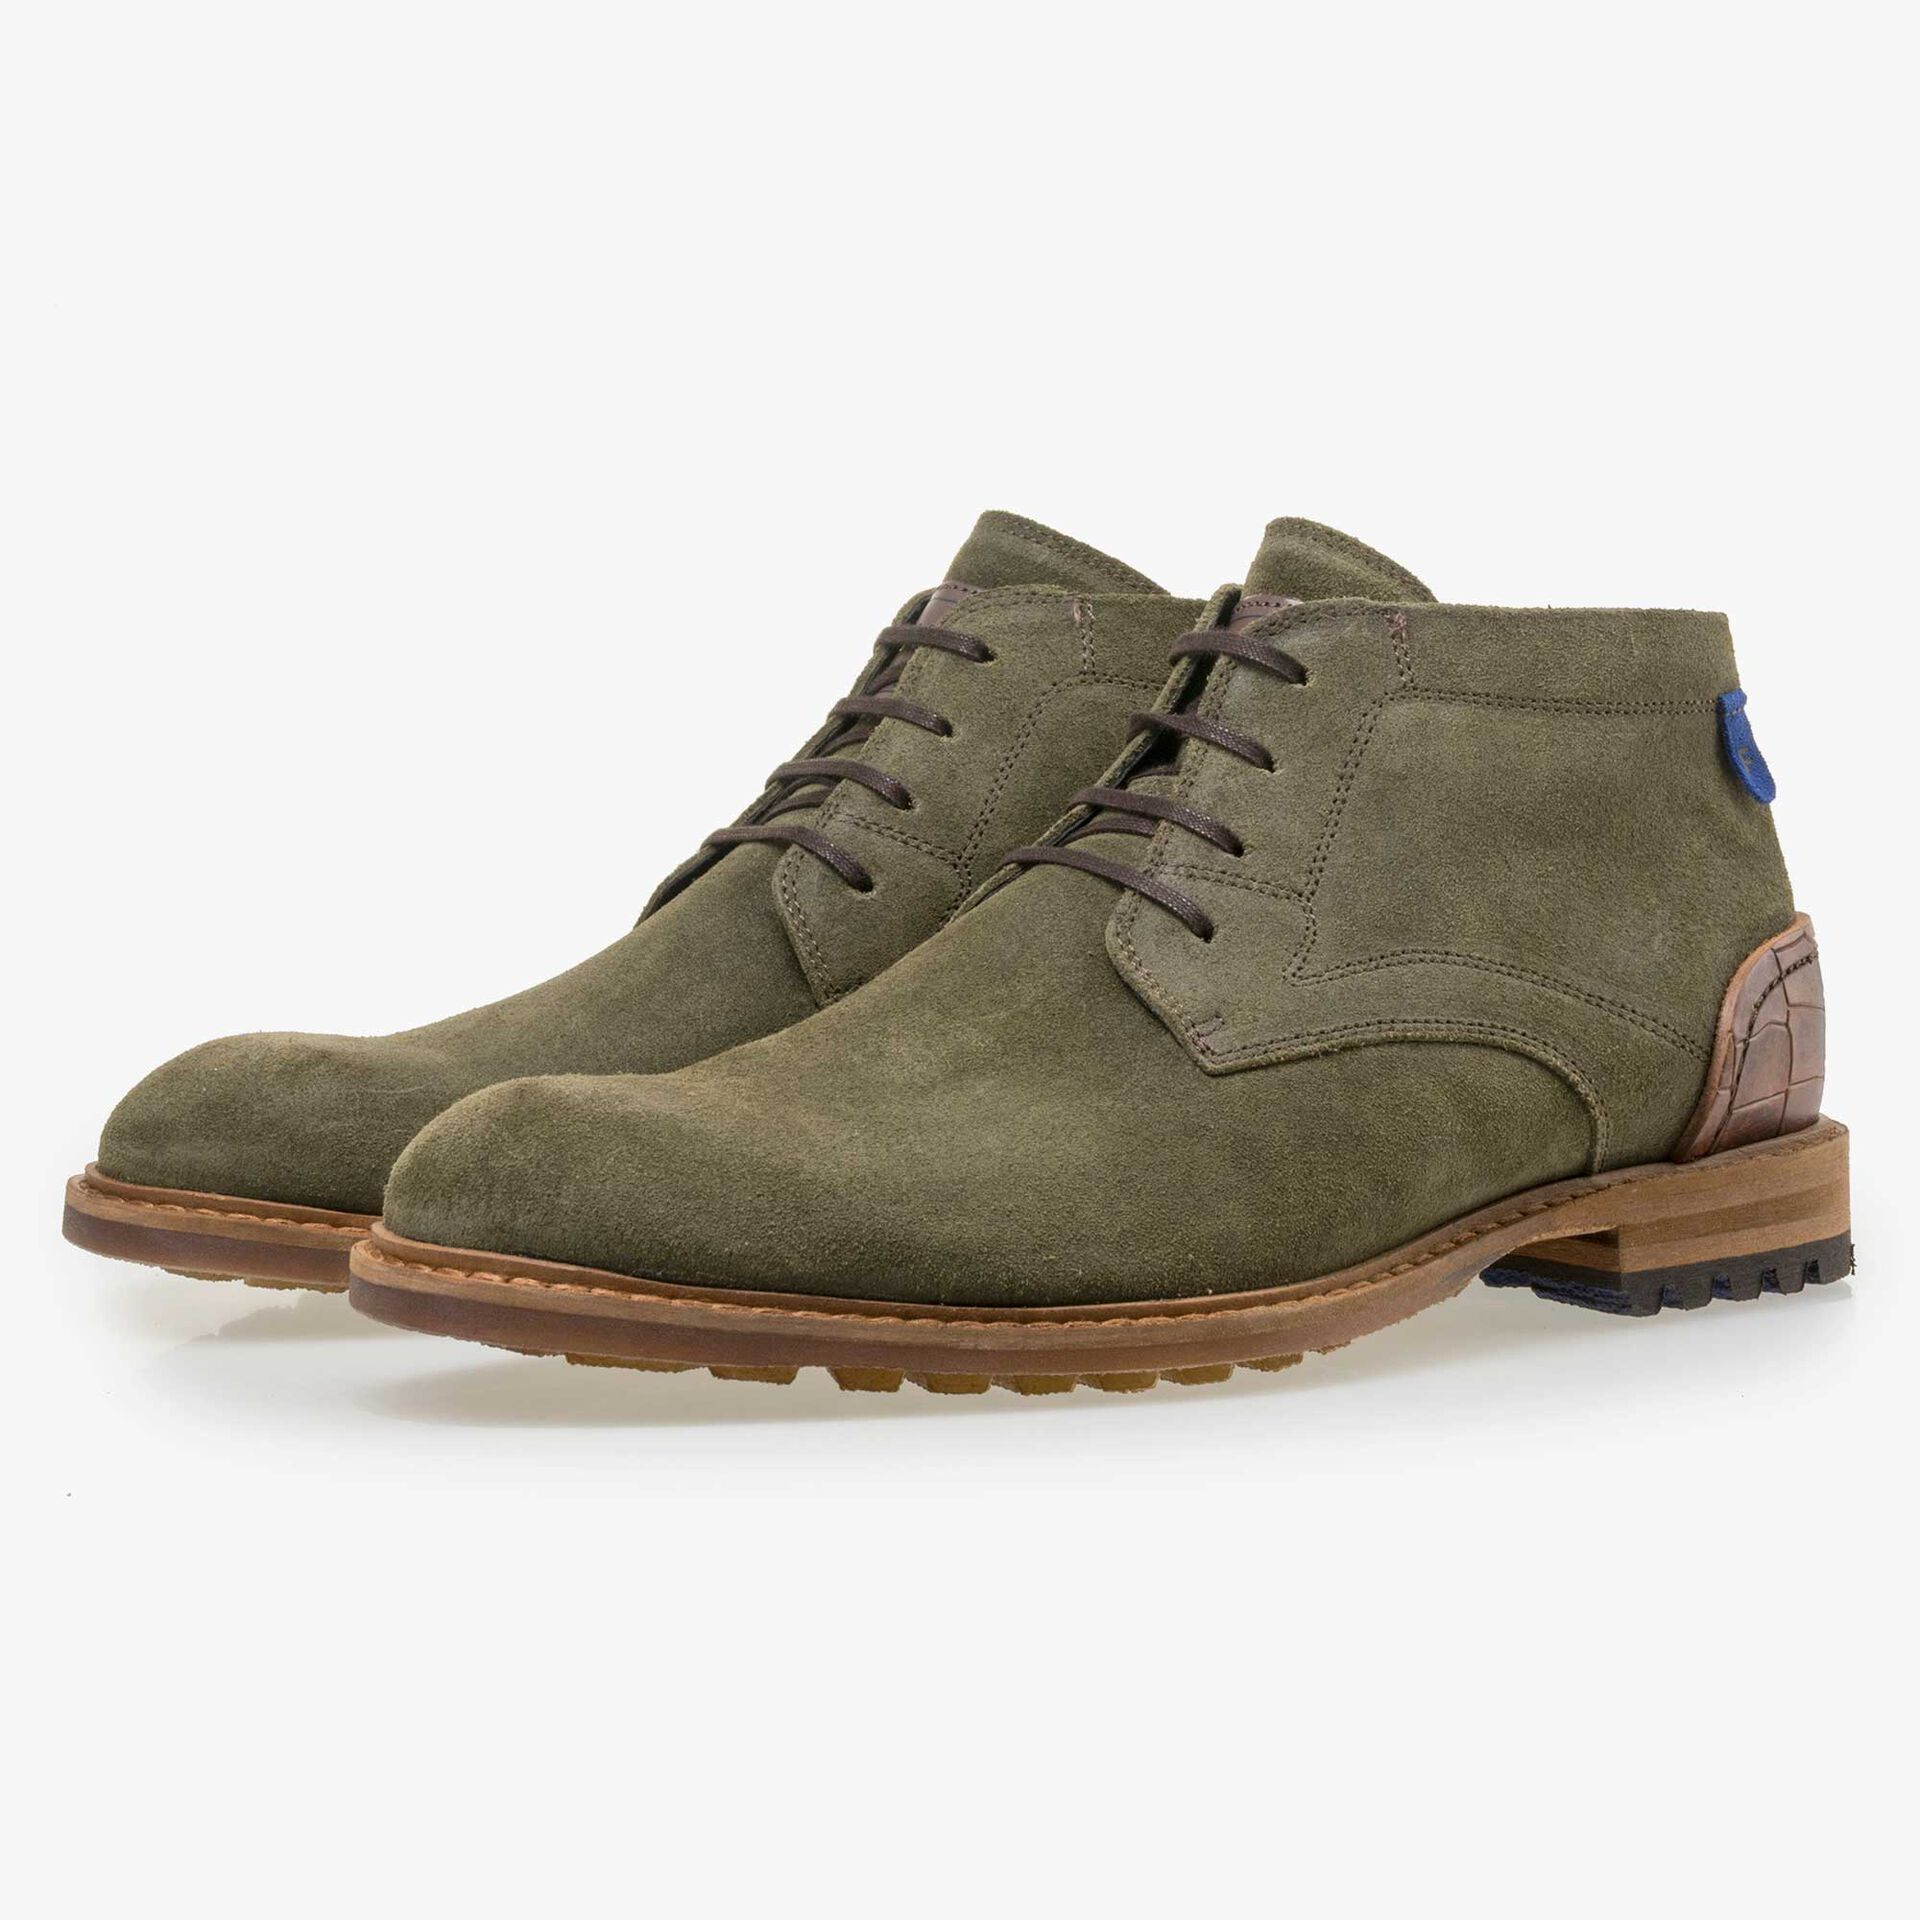 Floris van Bommel men's green suede leather lace boot